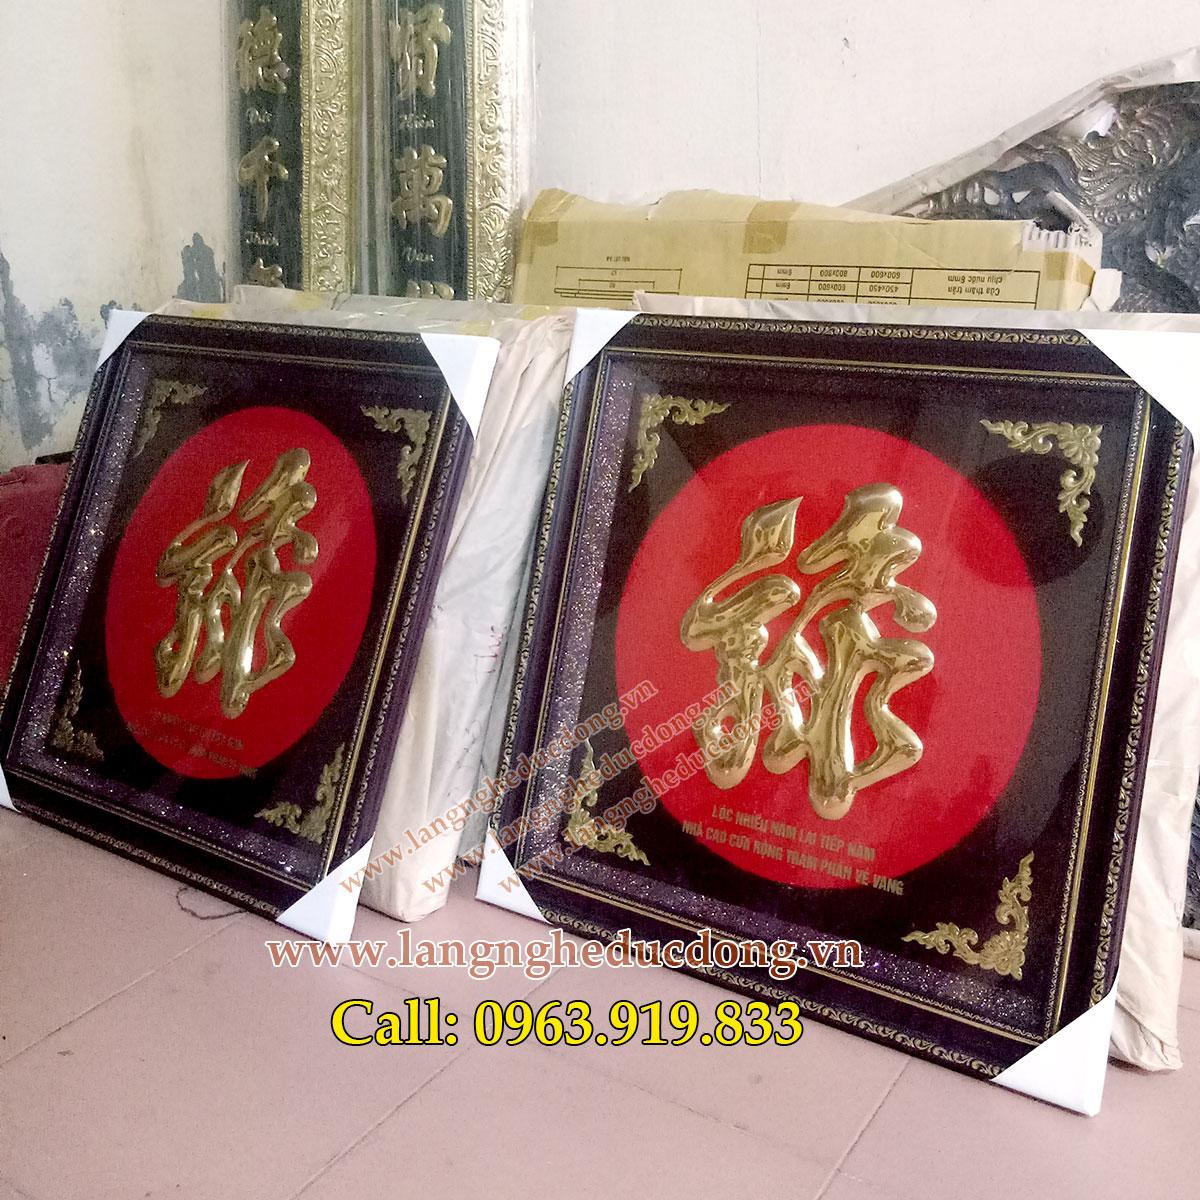 langngheducdong.vn - tranh đồng, tranh chữ, tranh bằng đồng, chế tác theo yêu cầu